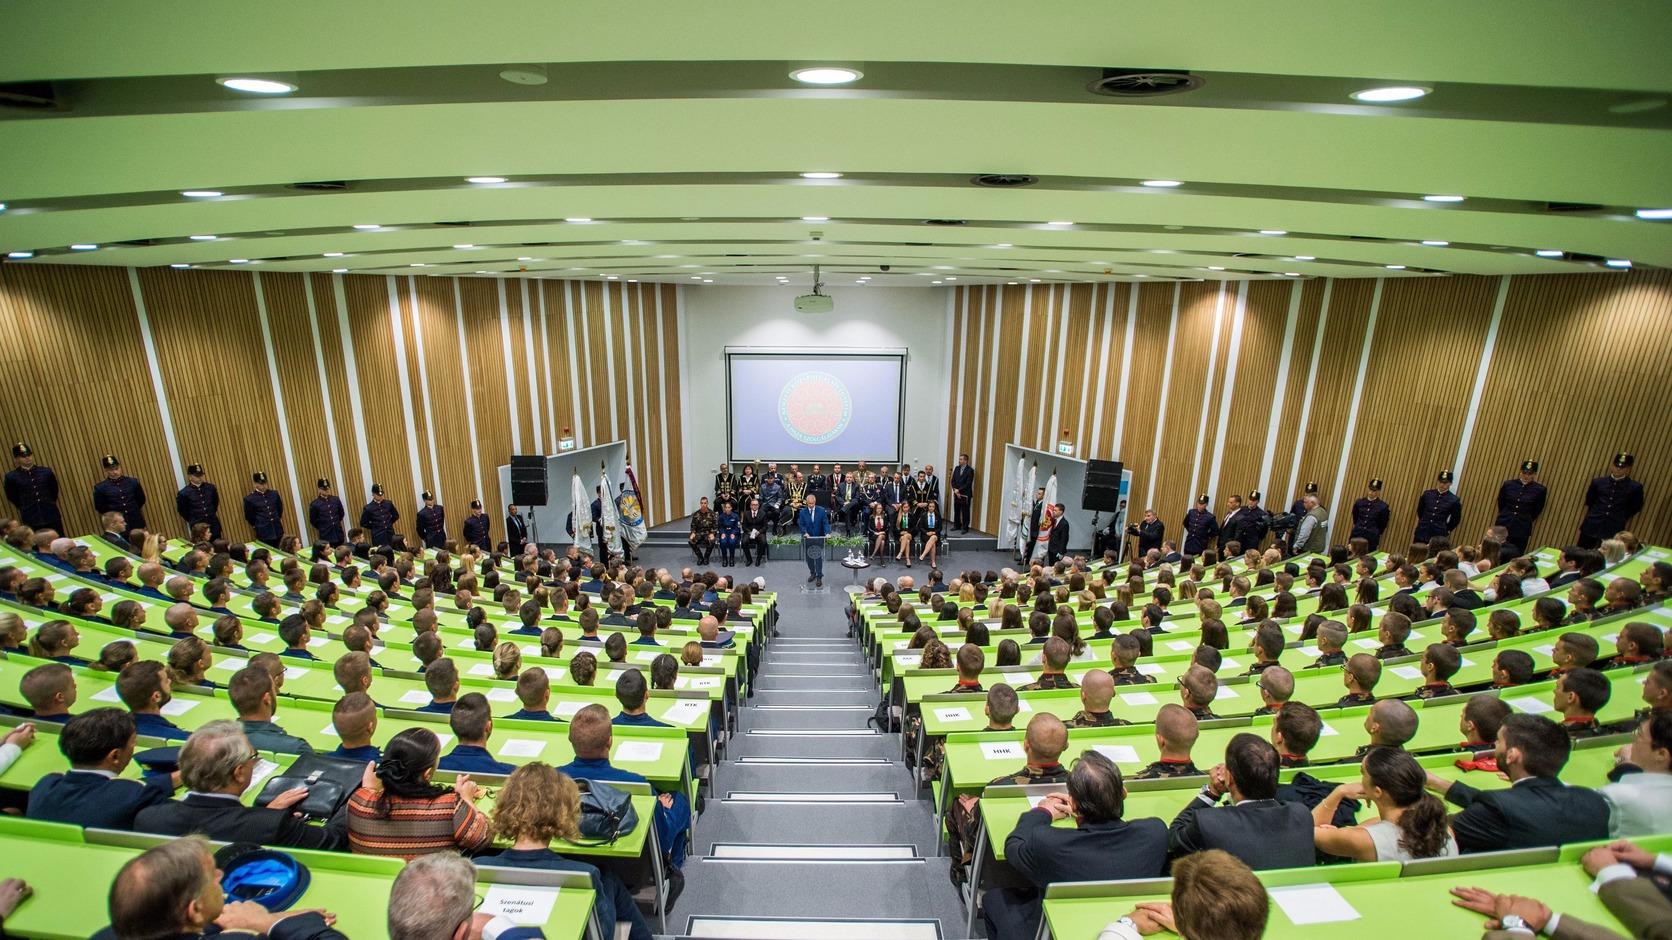 Budapest, 2017. szeptember 6. Trócsányi László igazságügyi miniszter beszédet mond a Nemzeti Közszolgálati Egyetem tanévnyitó ünnepségén az egyetem új oktatási épületében 2017. szeptember 6-án. MTI Fotó: Balogh Zoltán